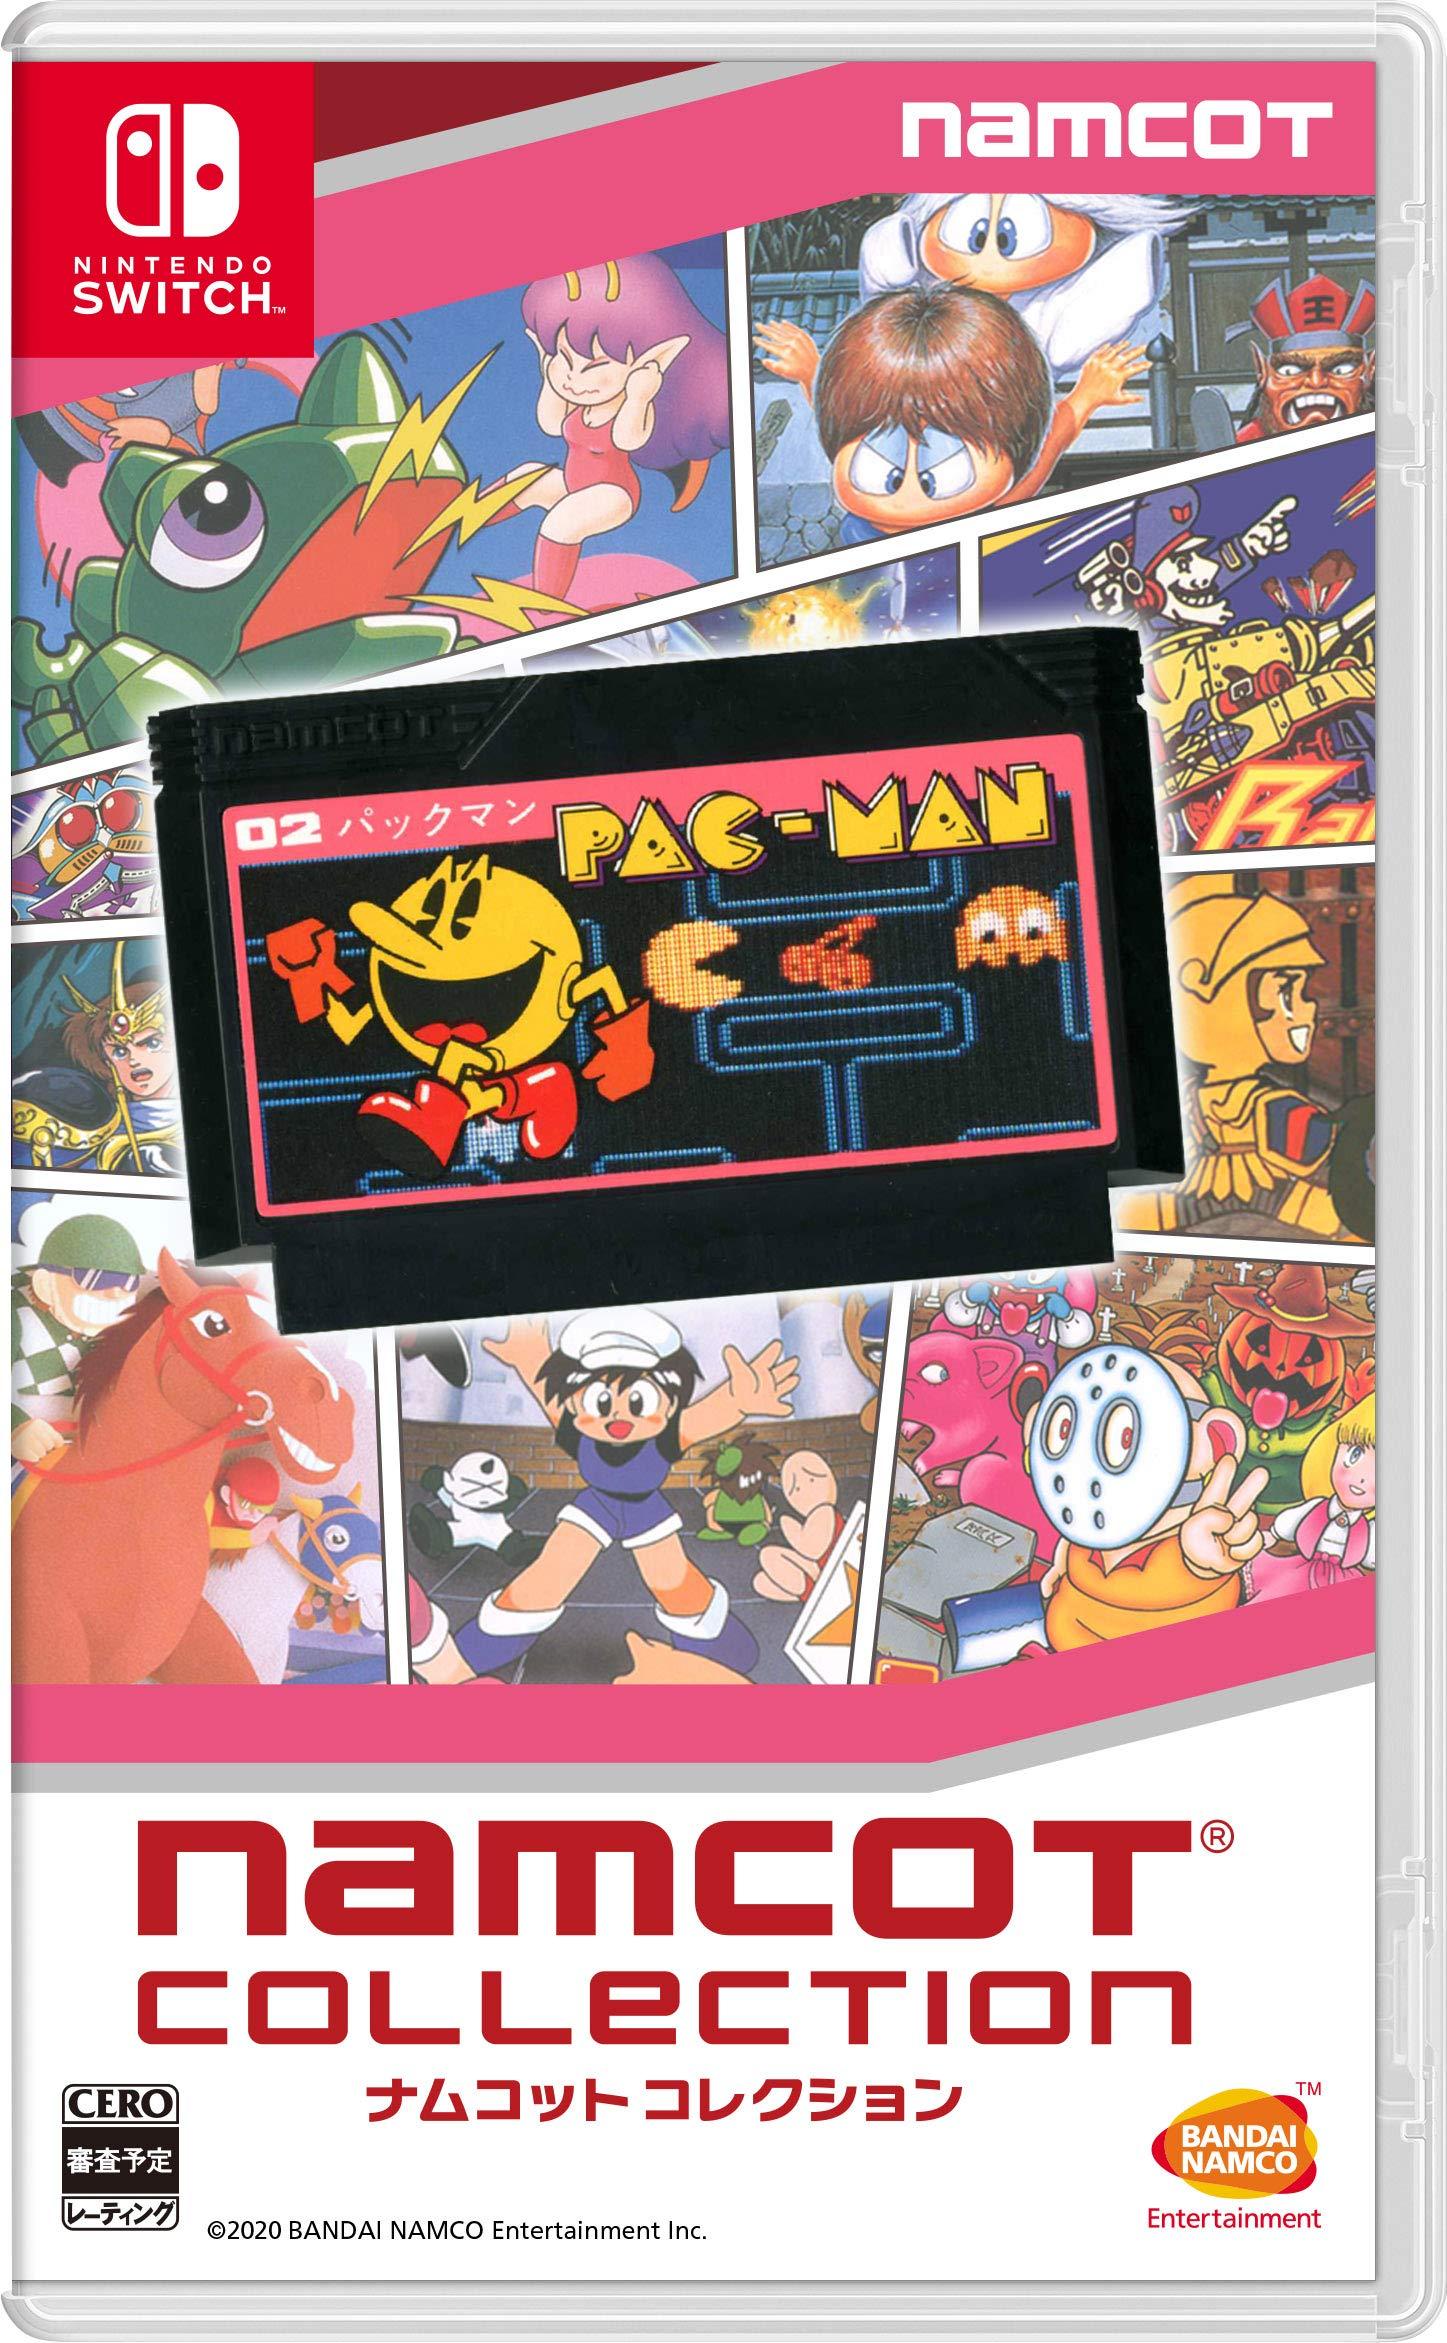 パックマンなどの懐かしのファミコンタイトルが勢揃い!『ナムコットコレクション』Switch【6月18日発売!】店舗特典